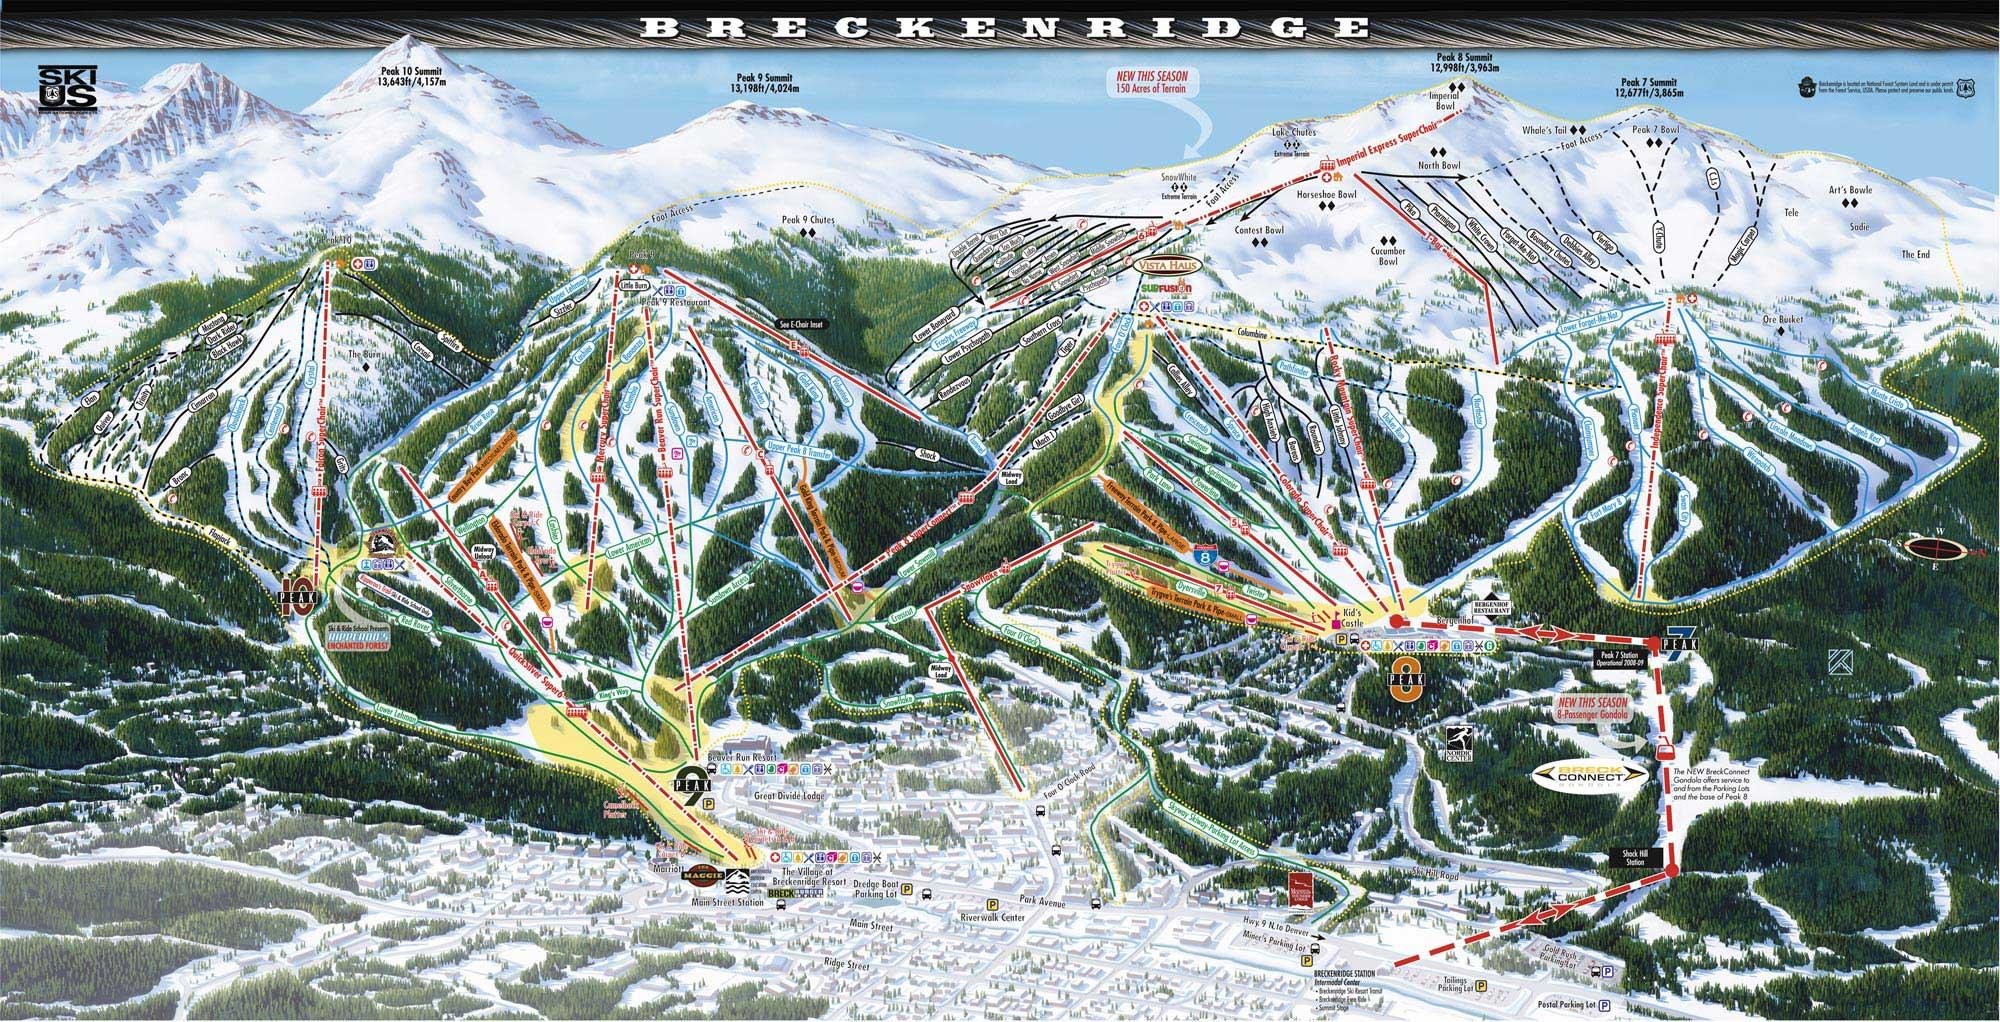 Beaver Creek Ski Trail Map - Beaver creek ski trail map